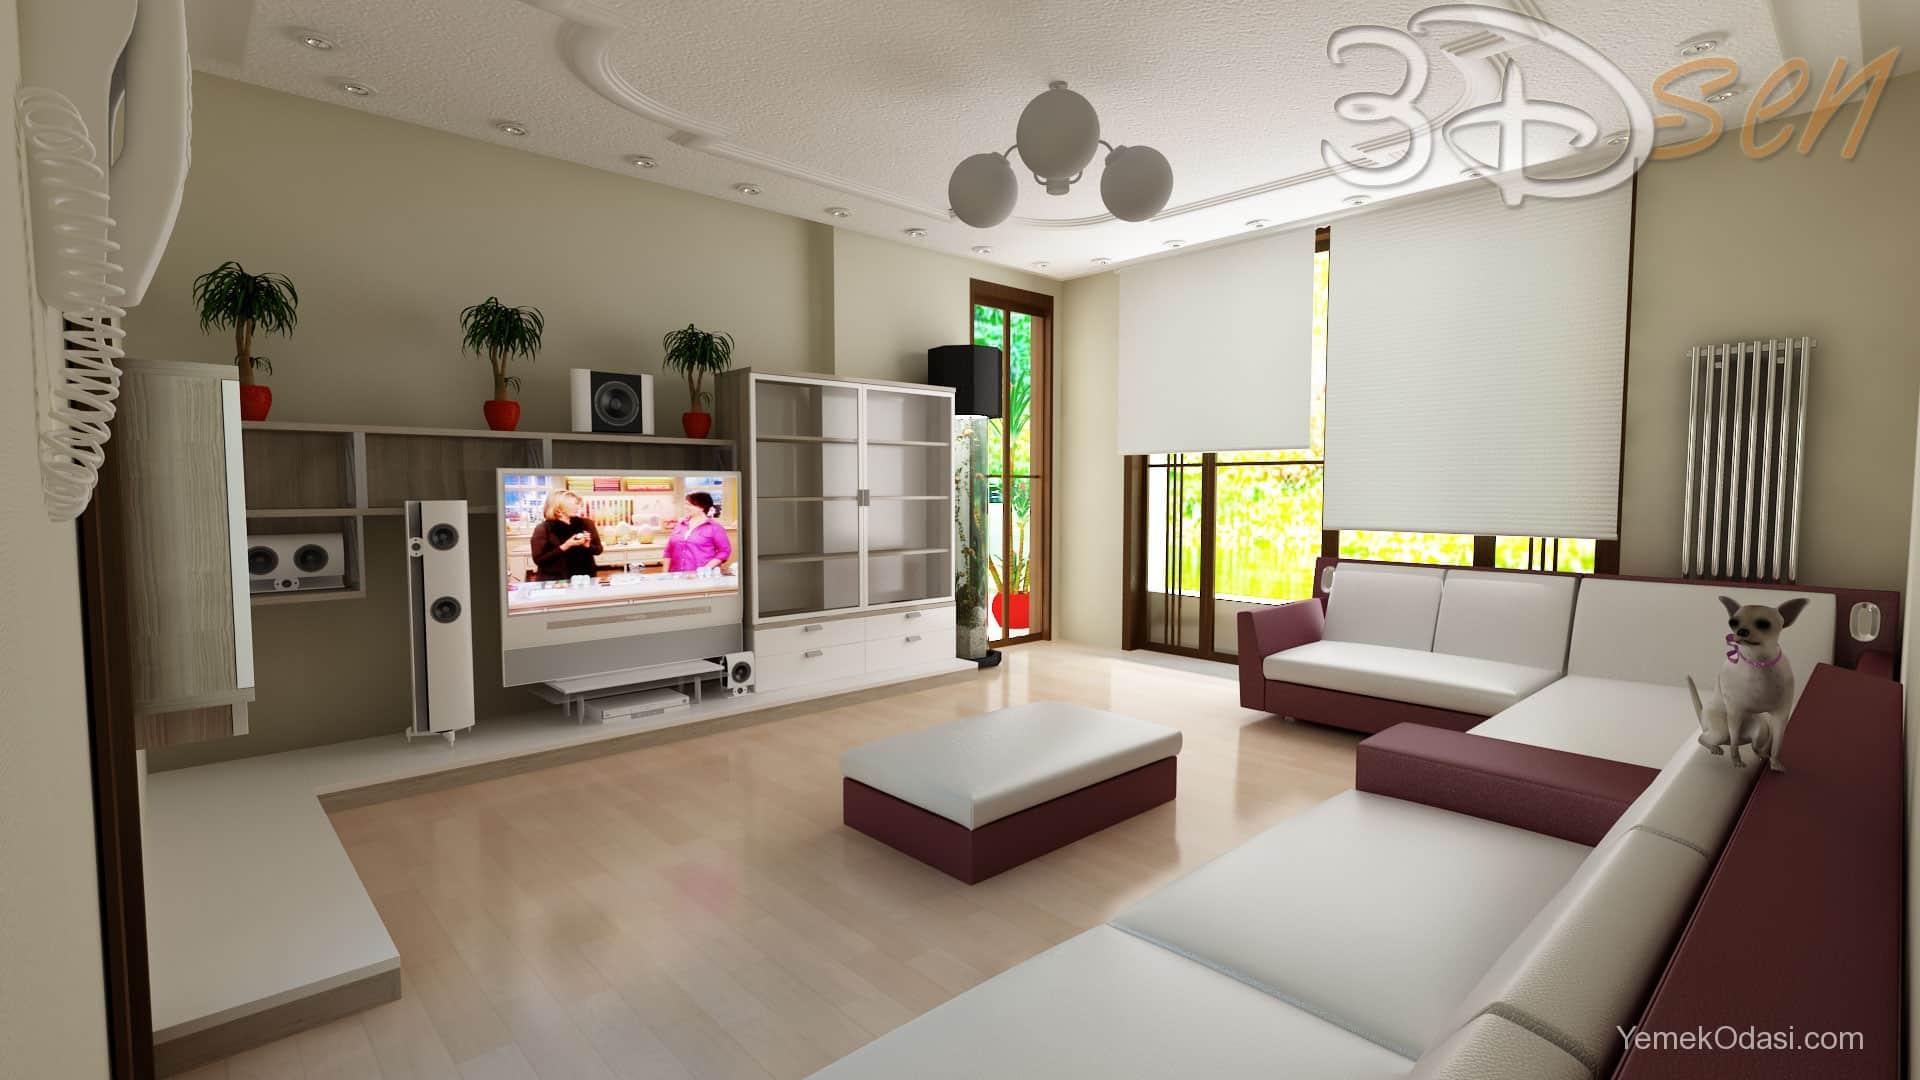 Mimari ve dekorasyon rnekleri yemek odas ve dekorasyon - Mon salon en 3d ...